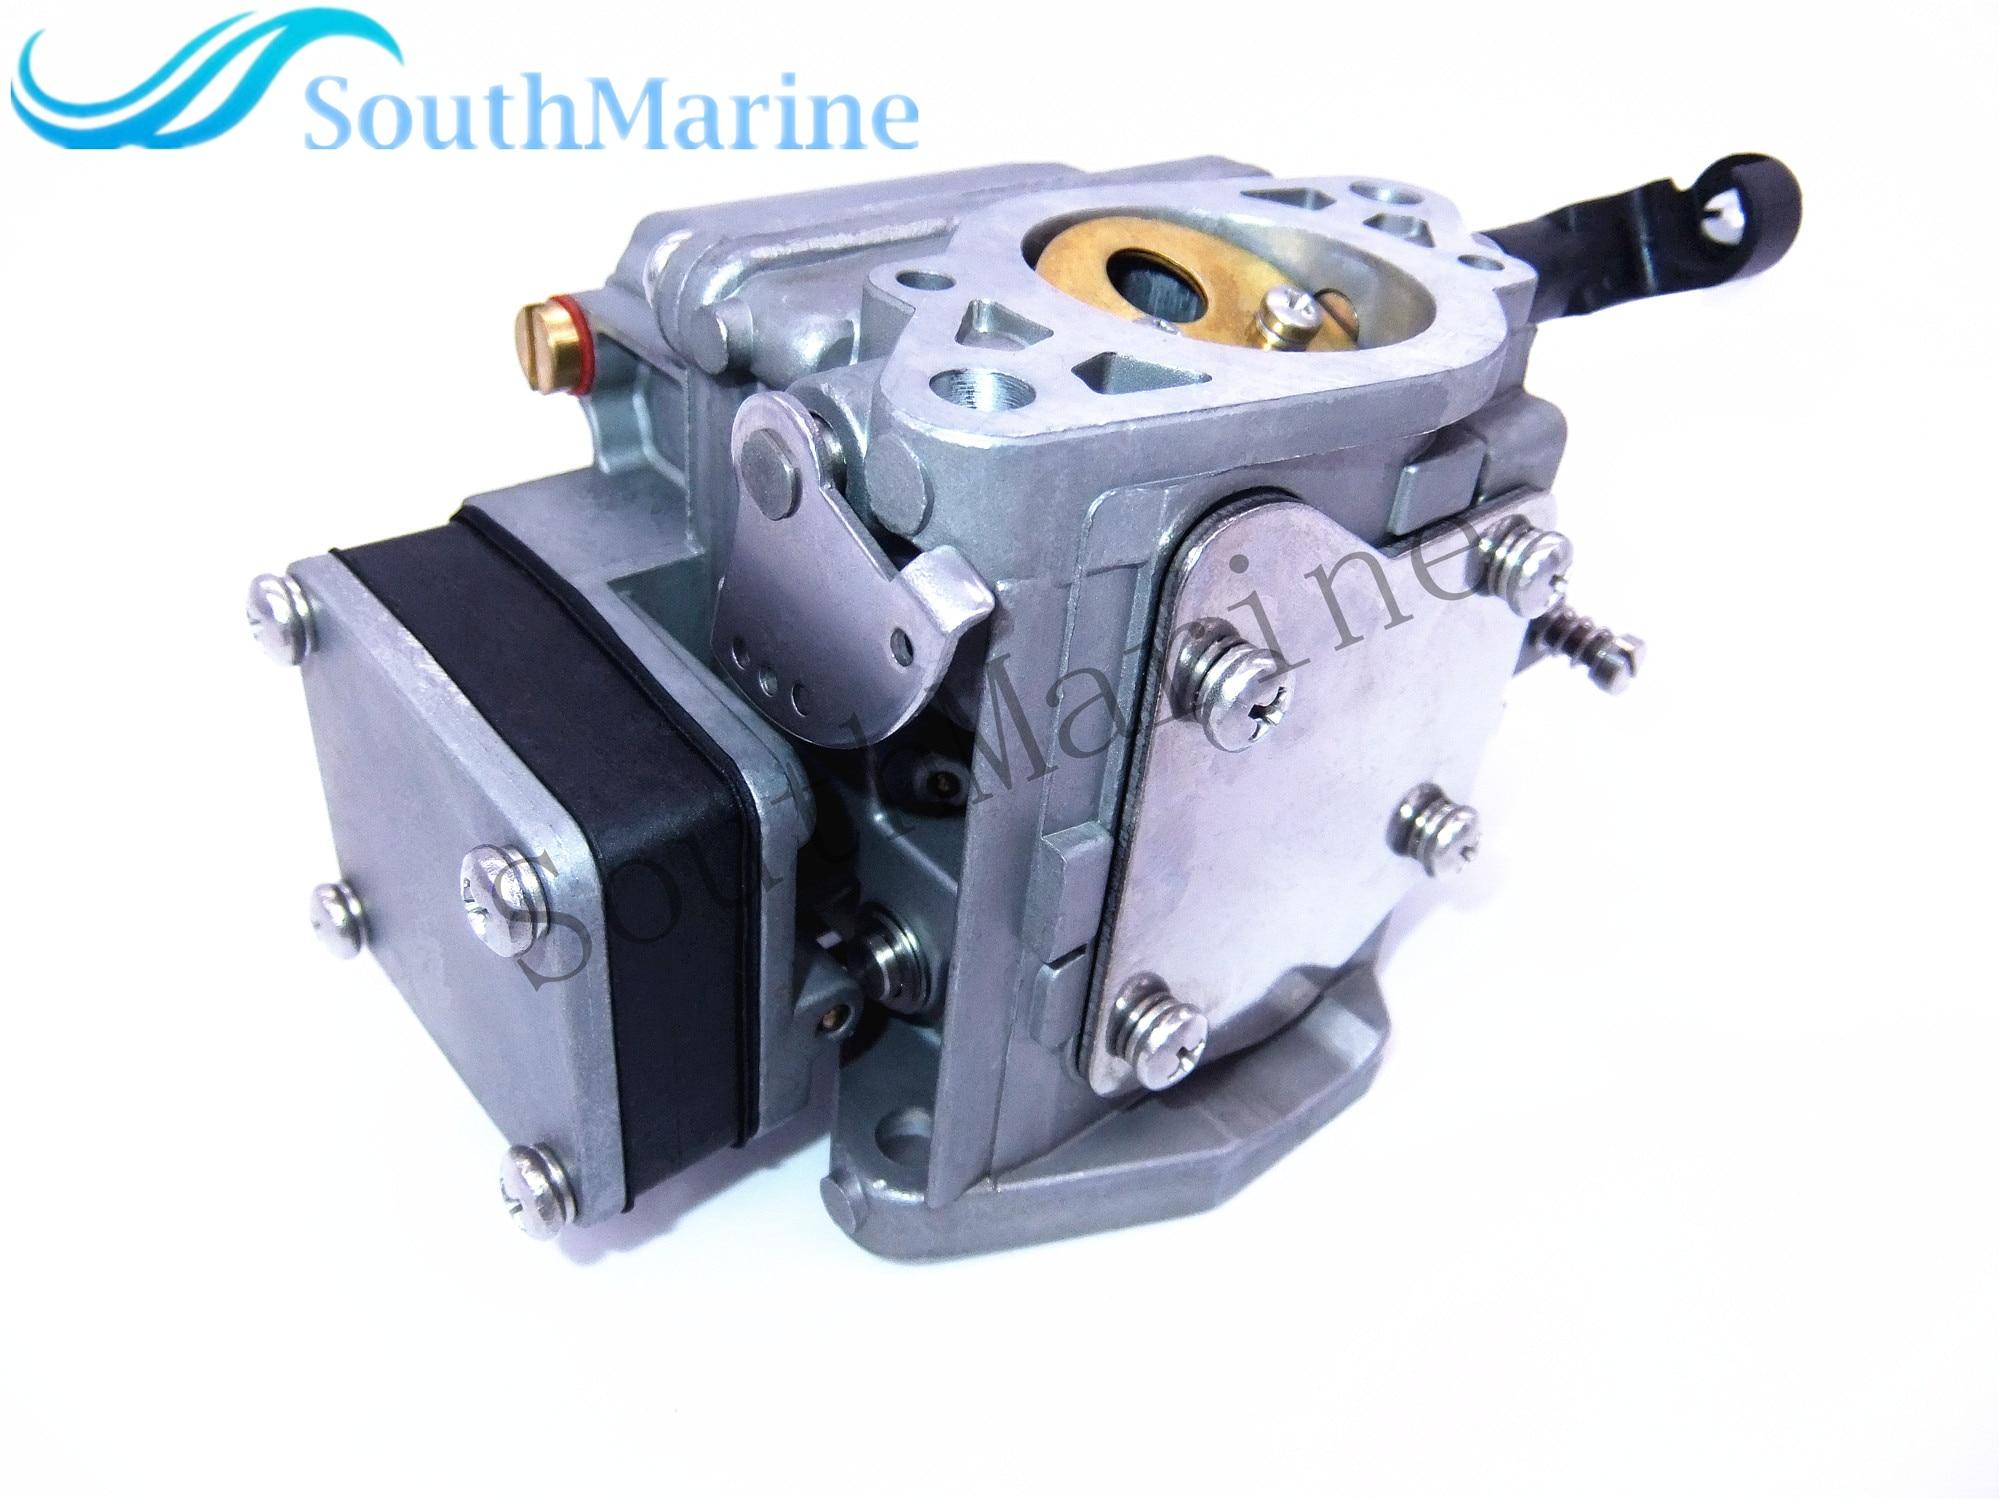 Outboard Motor Boat Carburetor for Hangkai 2-Stroke 9.9HP 15HP 18HPOutboard Motor Boat Carburetor for Hangkai 2-Stroke 9.9HP 15HP 18HP